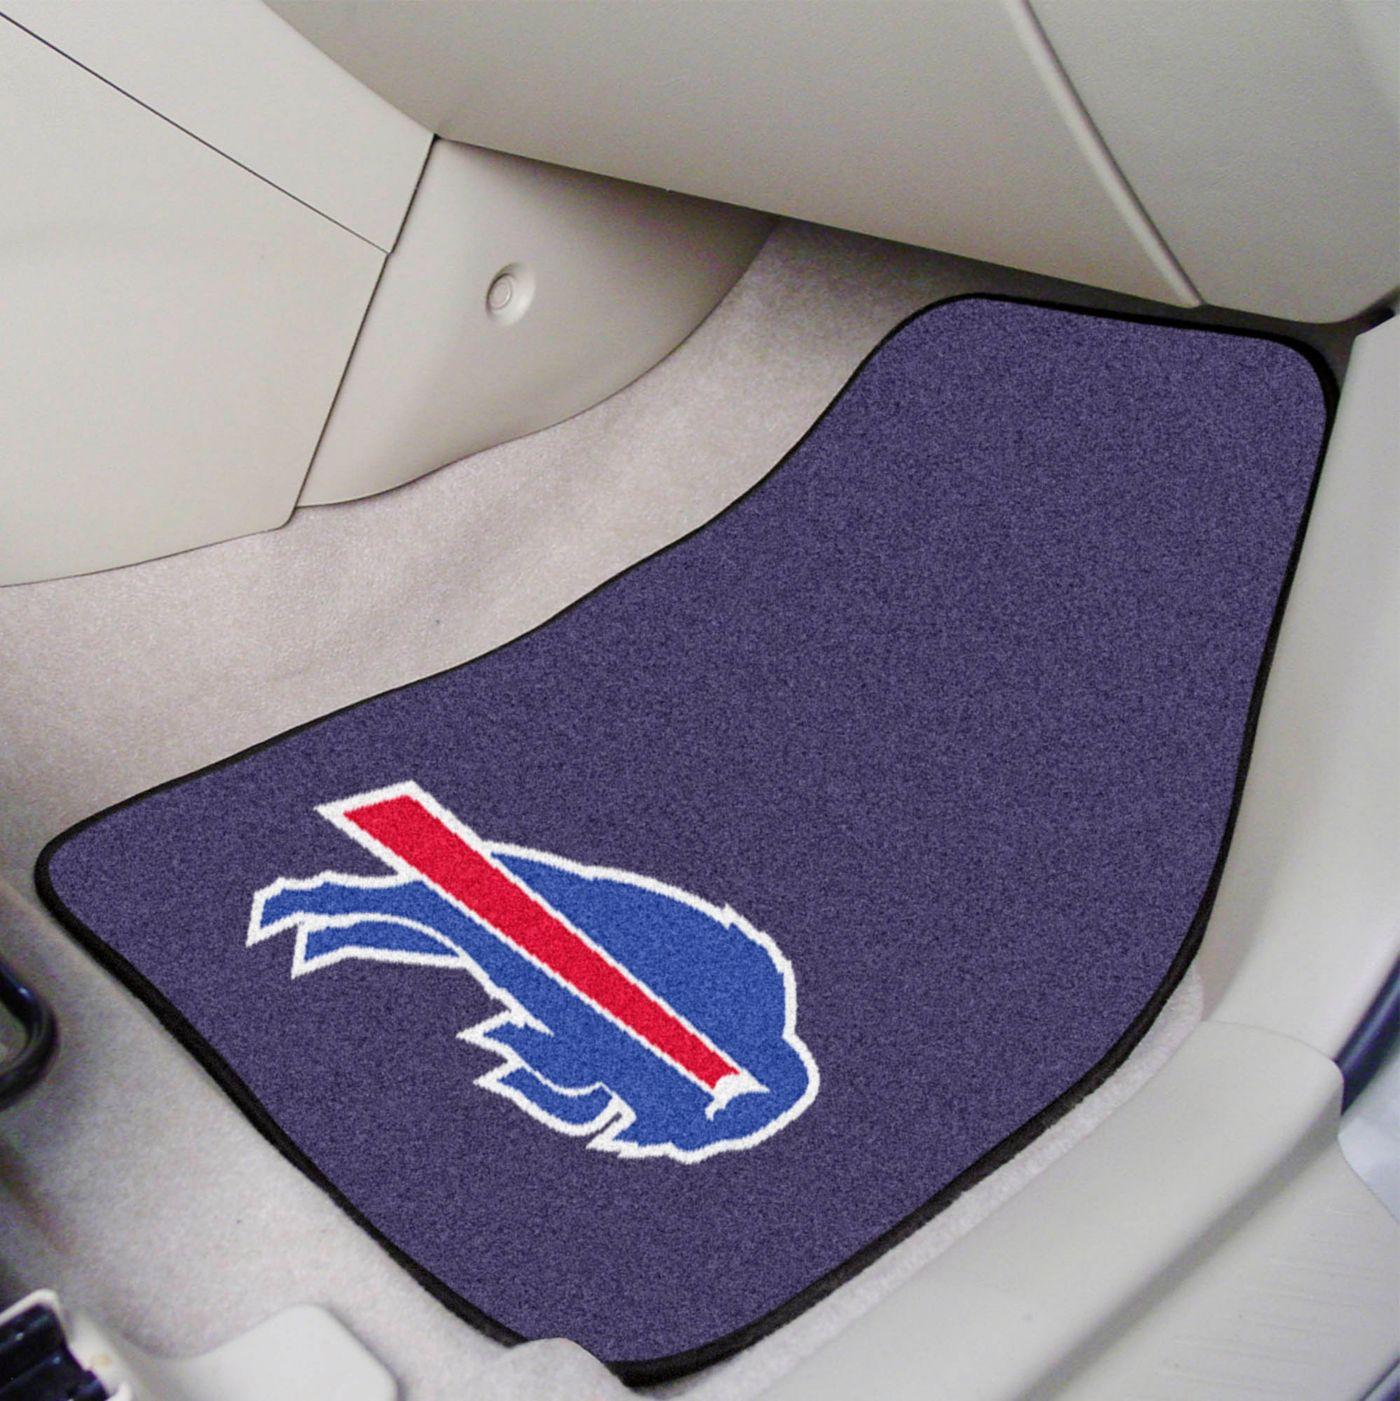 Buffalo Bills 2-Piece Printed Carpet Car Mat Set